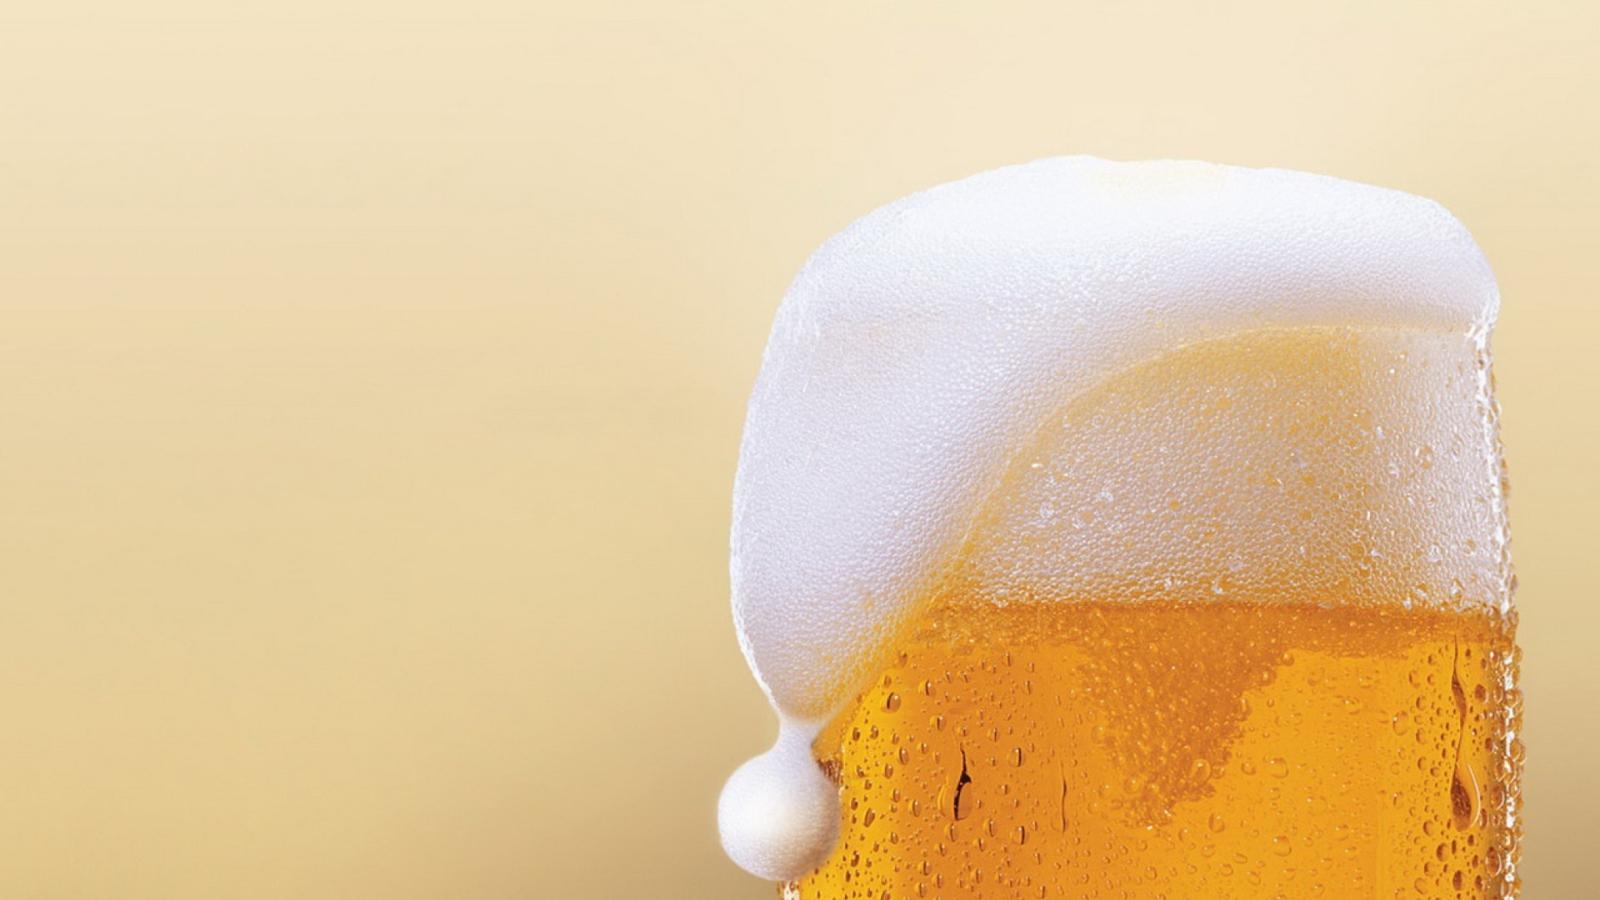 Букет, картинки на тему пиво большого разрешения